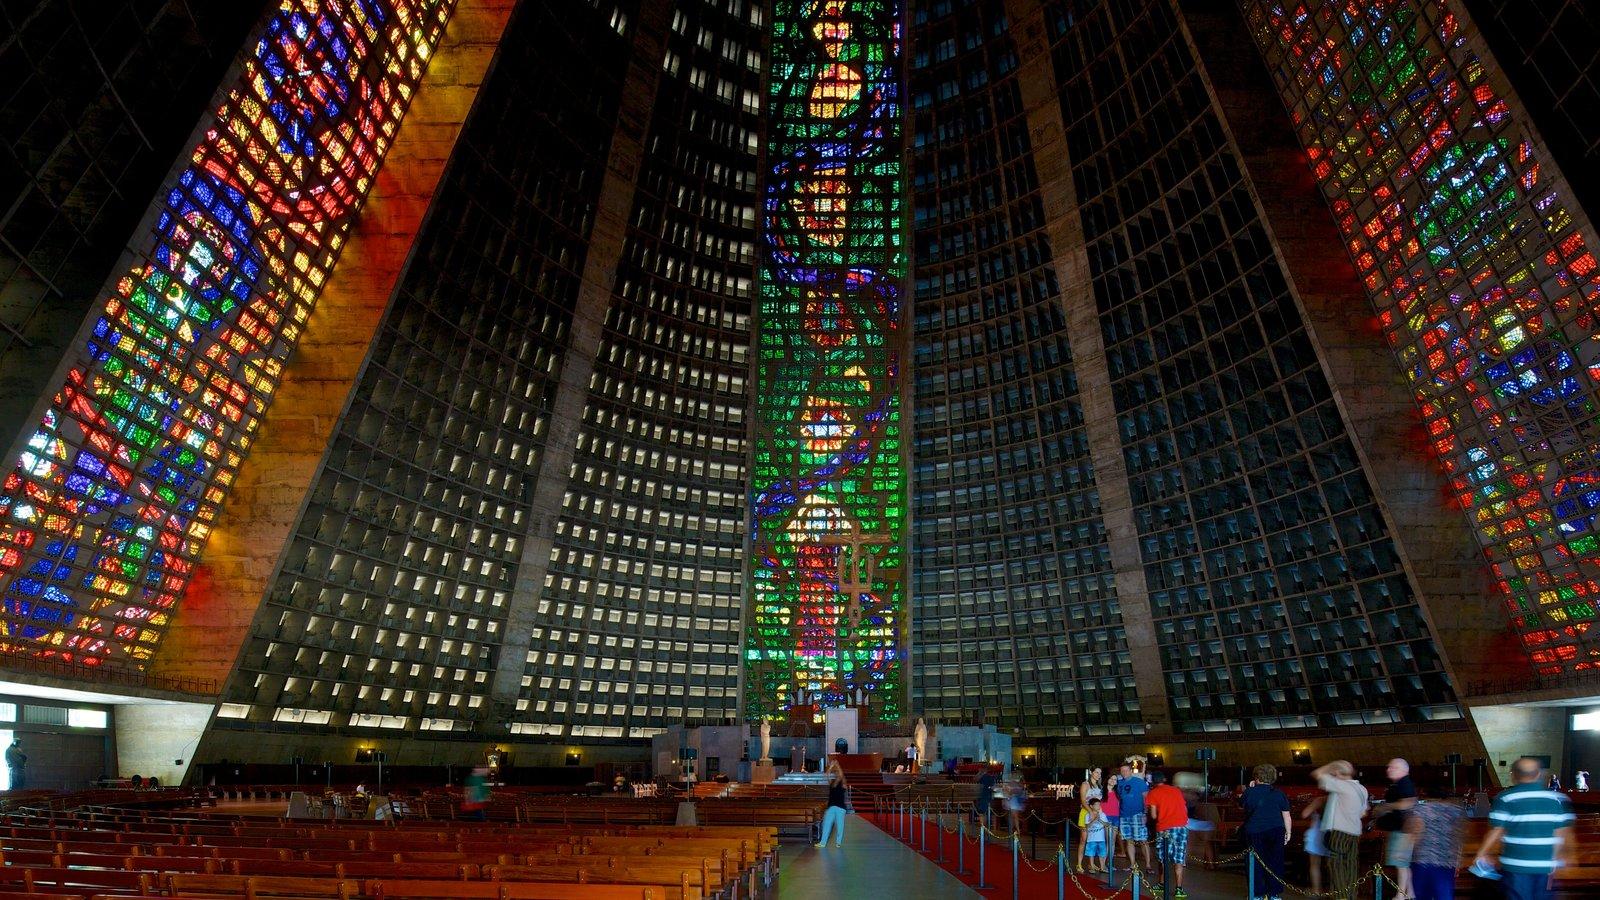 Rio de Janeiro que inclui uma igreja ou catedral, vistas internas e elementos religiosos